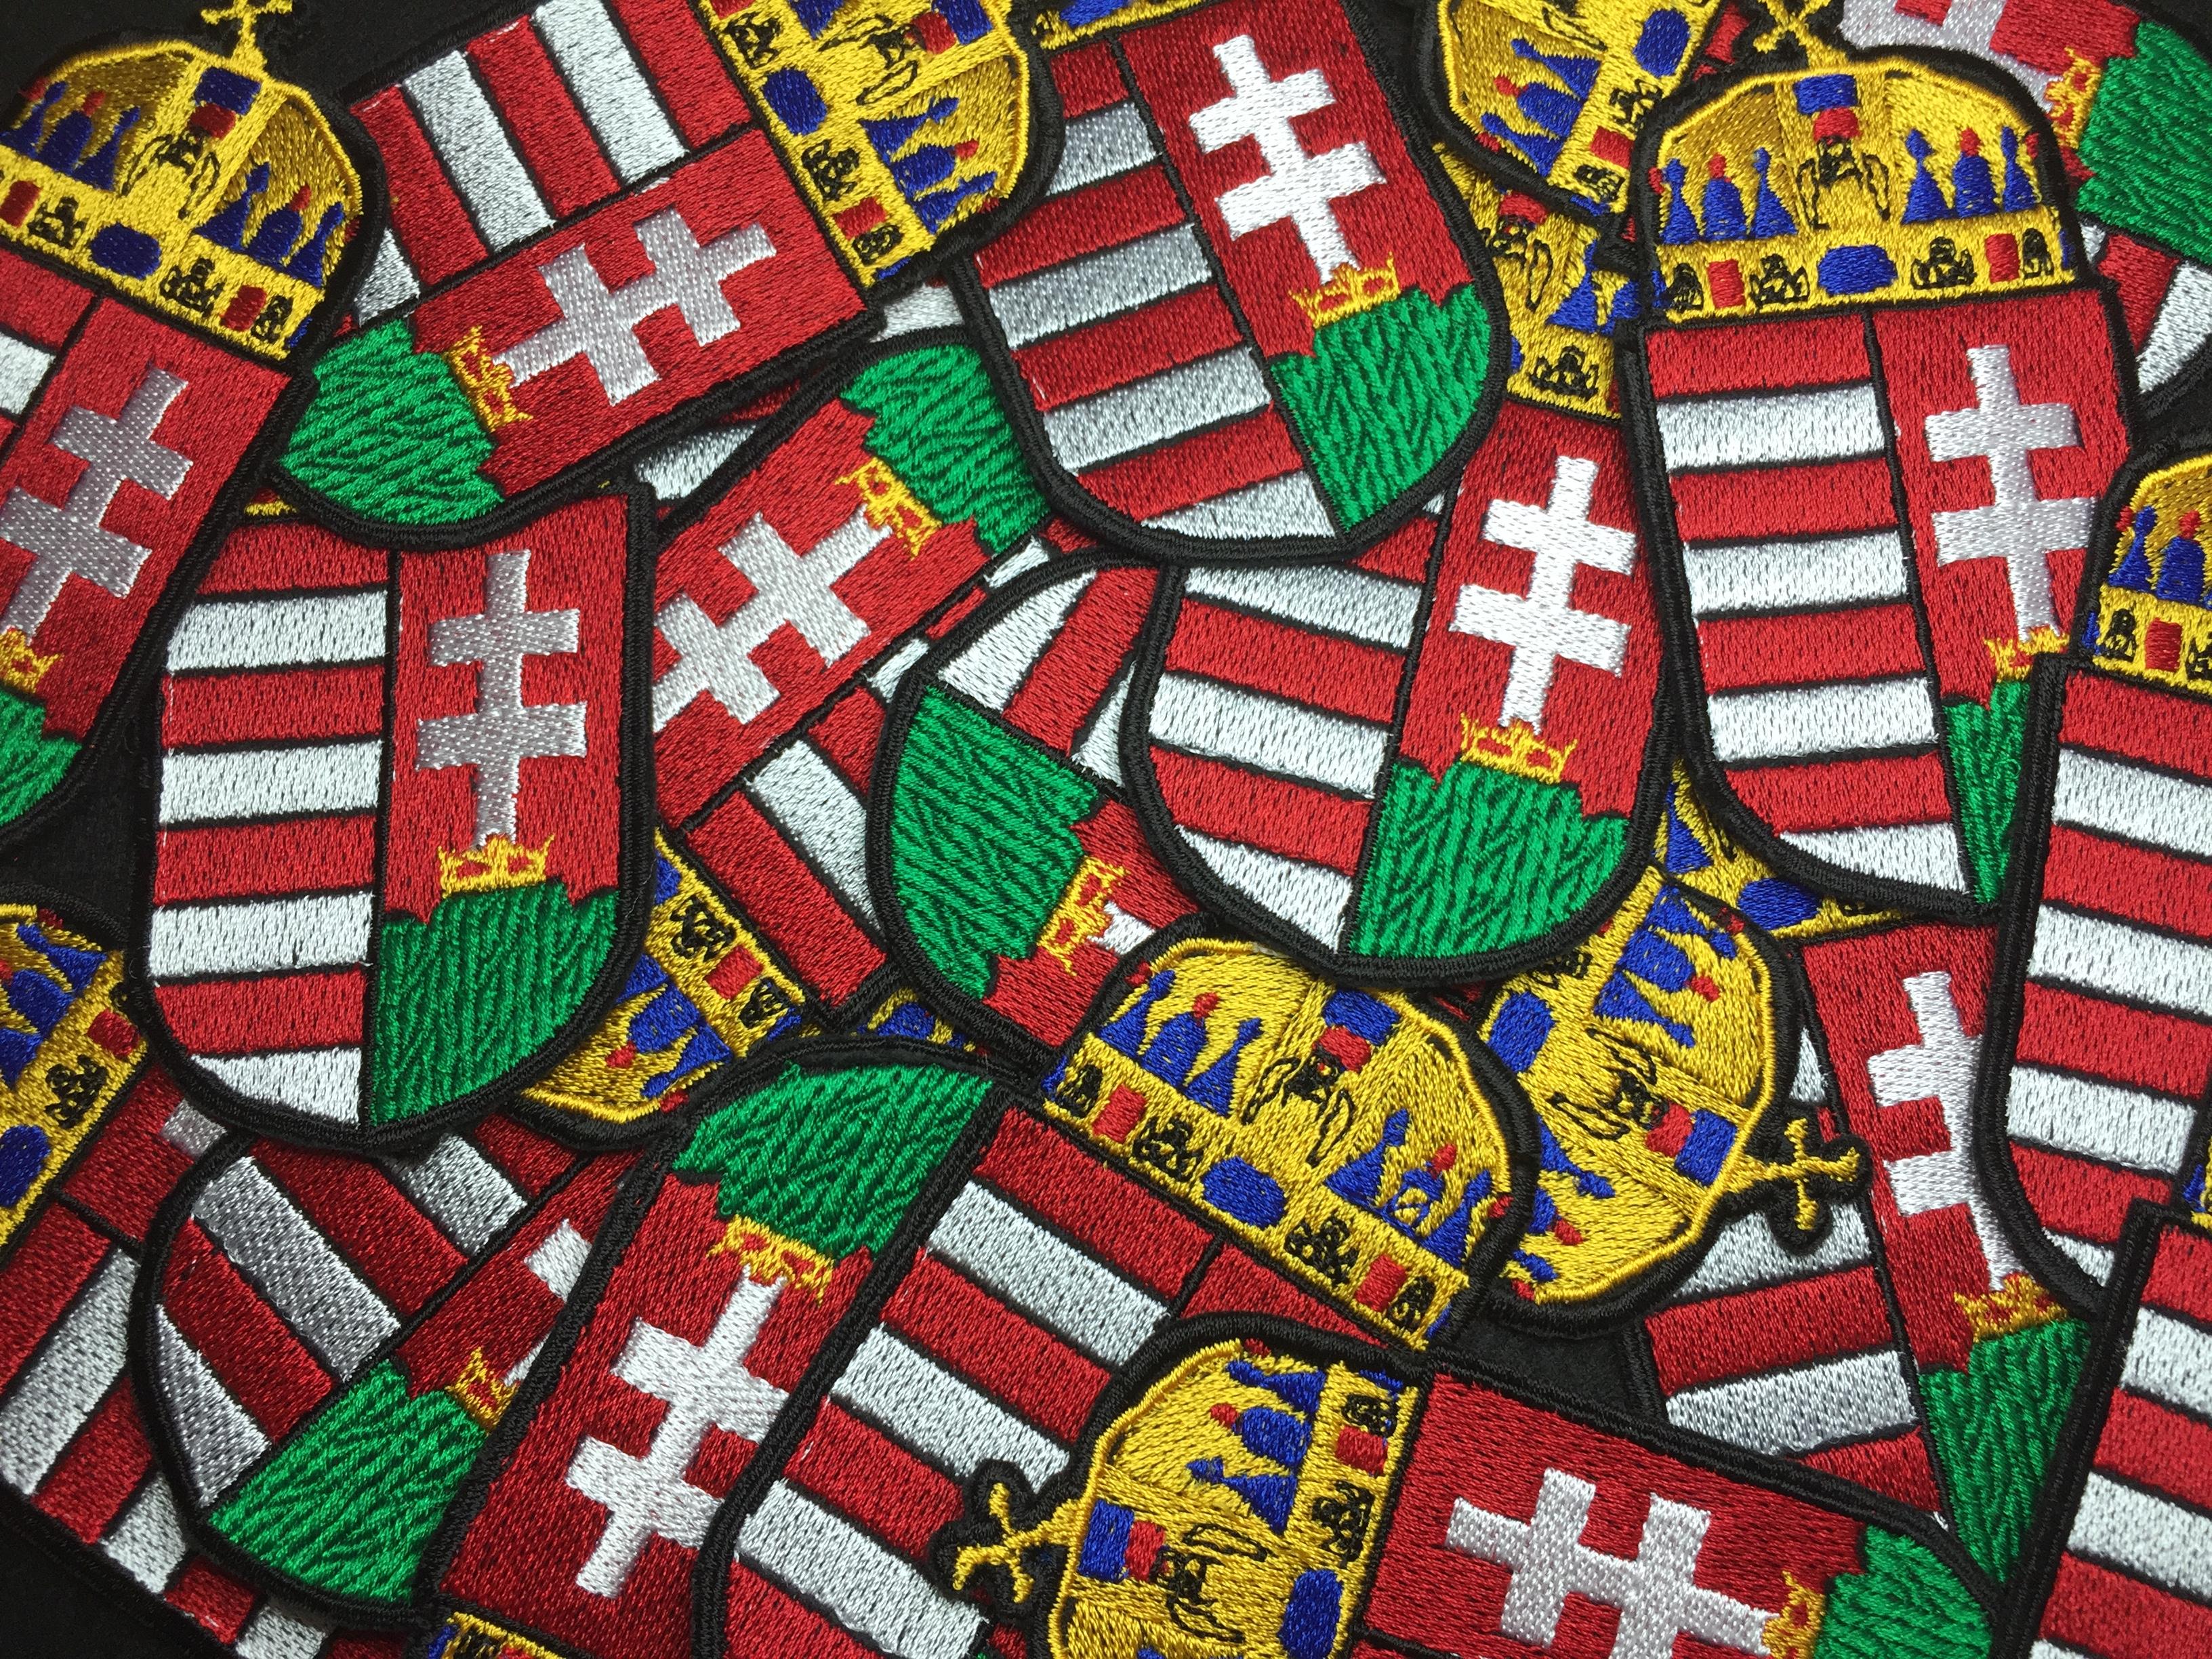 8c01fe02c2 Magyar címer felvarró - Tépőzárral JETfly Military Webshop